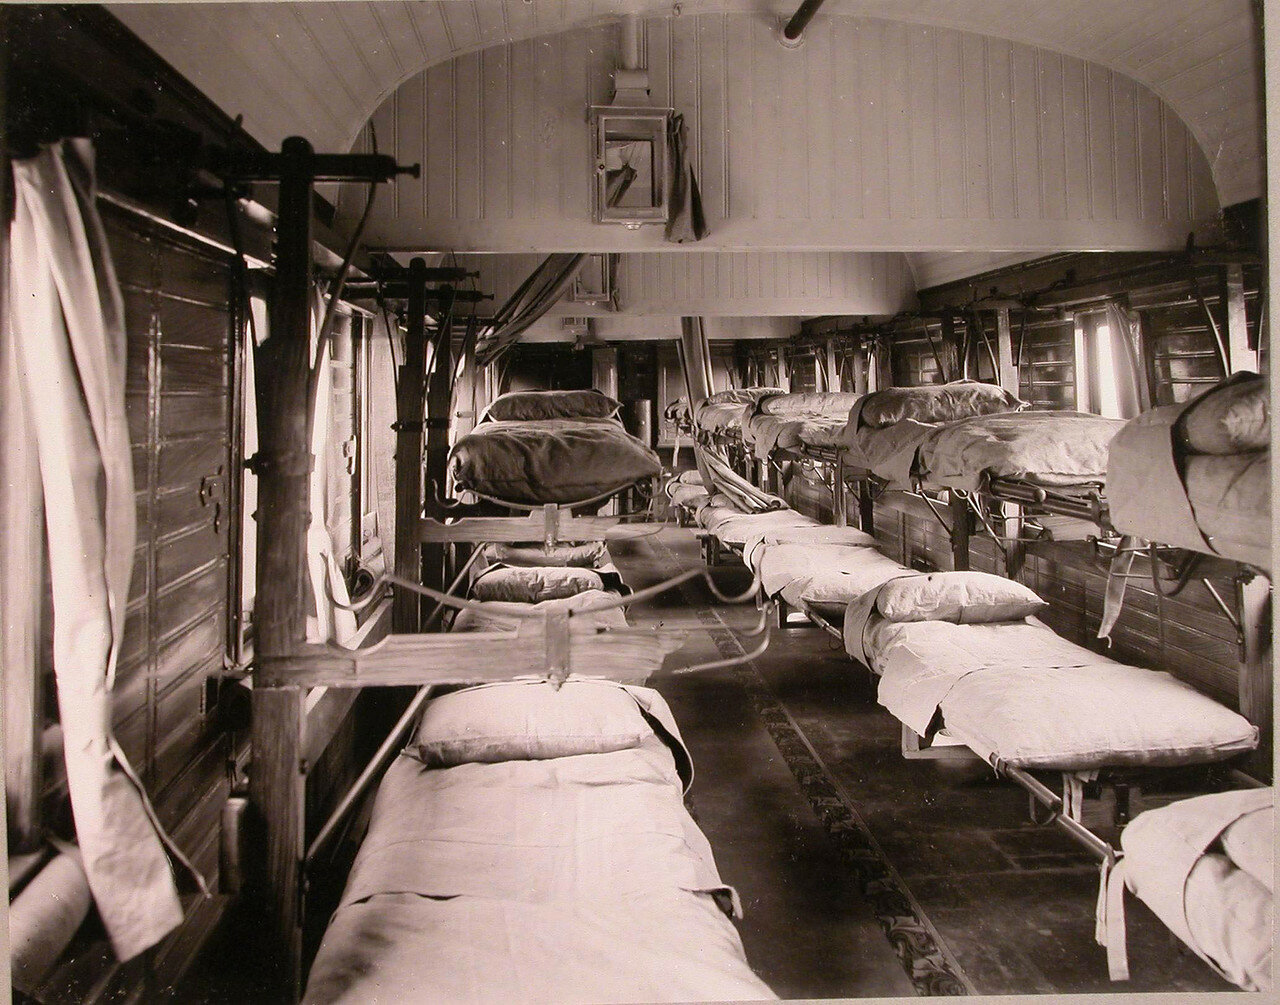 06. Внутренний вид вагона поезда, оборудованного для тяжелораненых